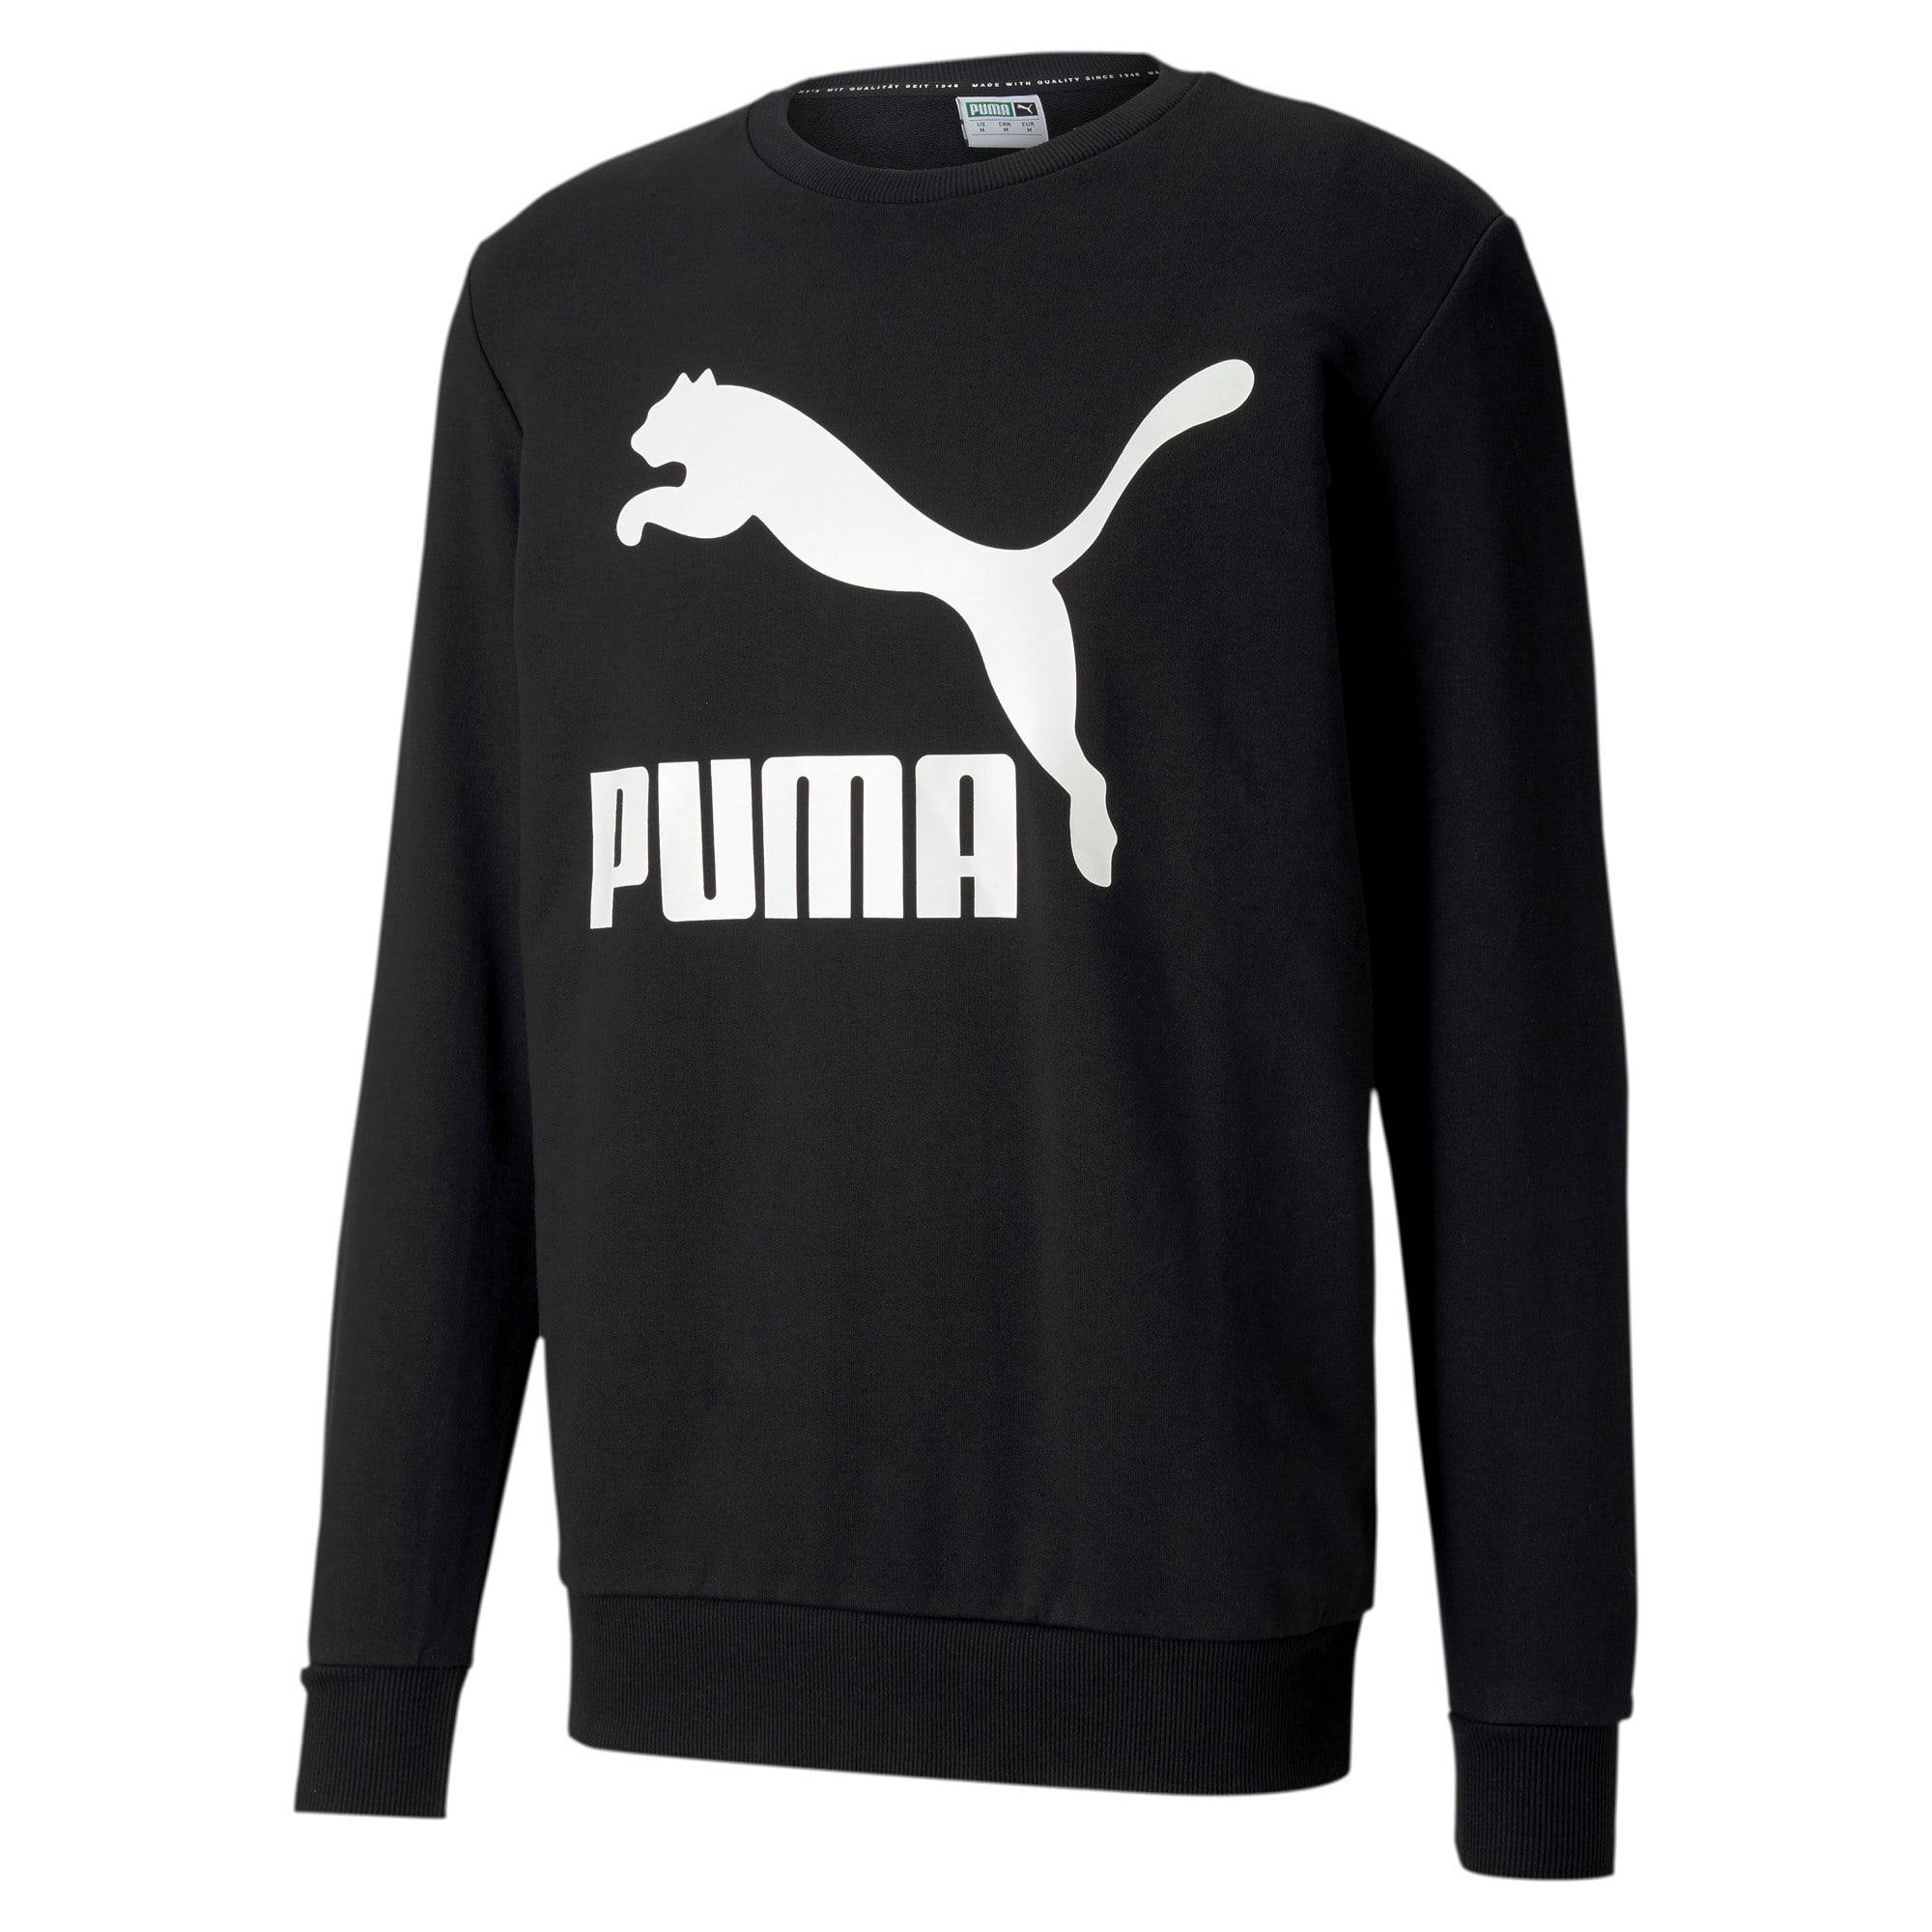 Thumbnail 1 of Classics Logo Men's Crewneck Sweatshirt, Puma Black, medium